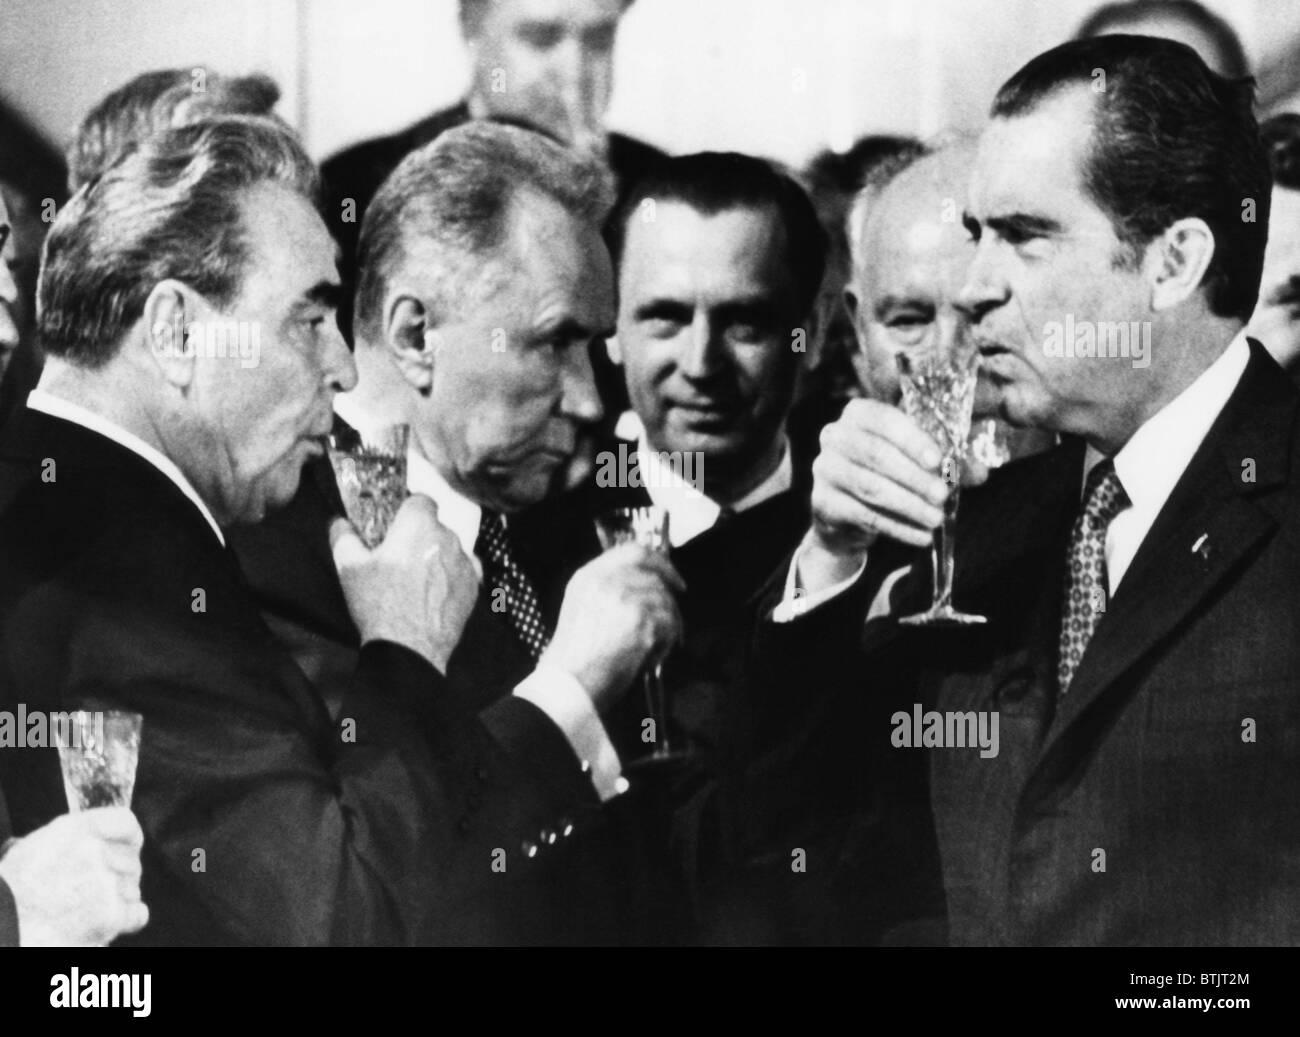 Generale sovietico Leonid Brezhnev, Premier sovietico Alexey Kosygin, U.S. Il presidente Richard Nixon, di tostatura Immagini Stock